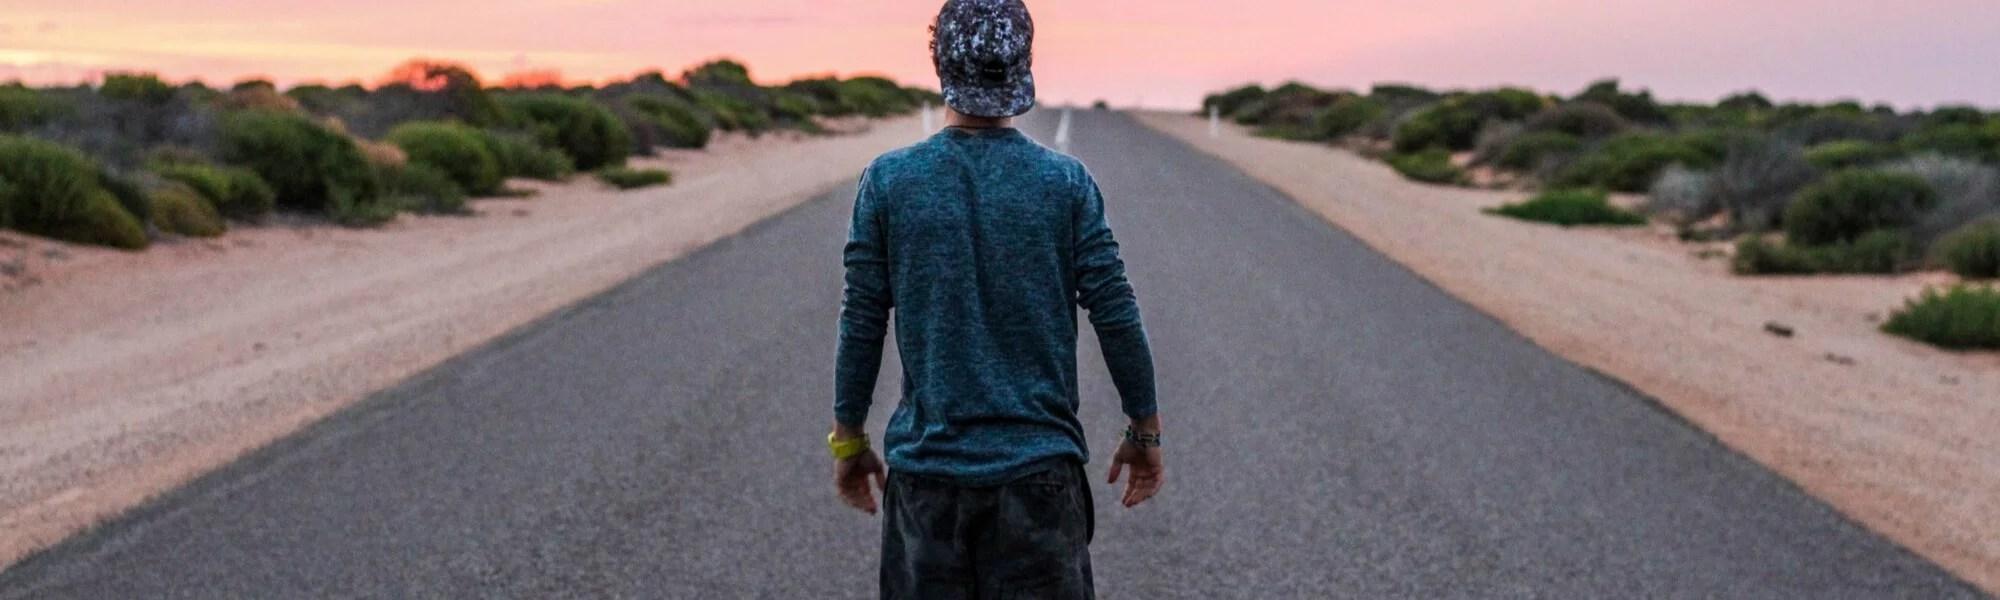 Sonnenaufgang - Aufbruch  - mit Geist